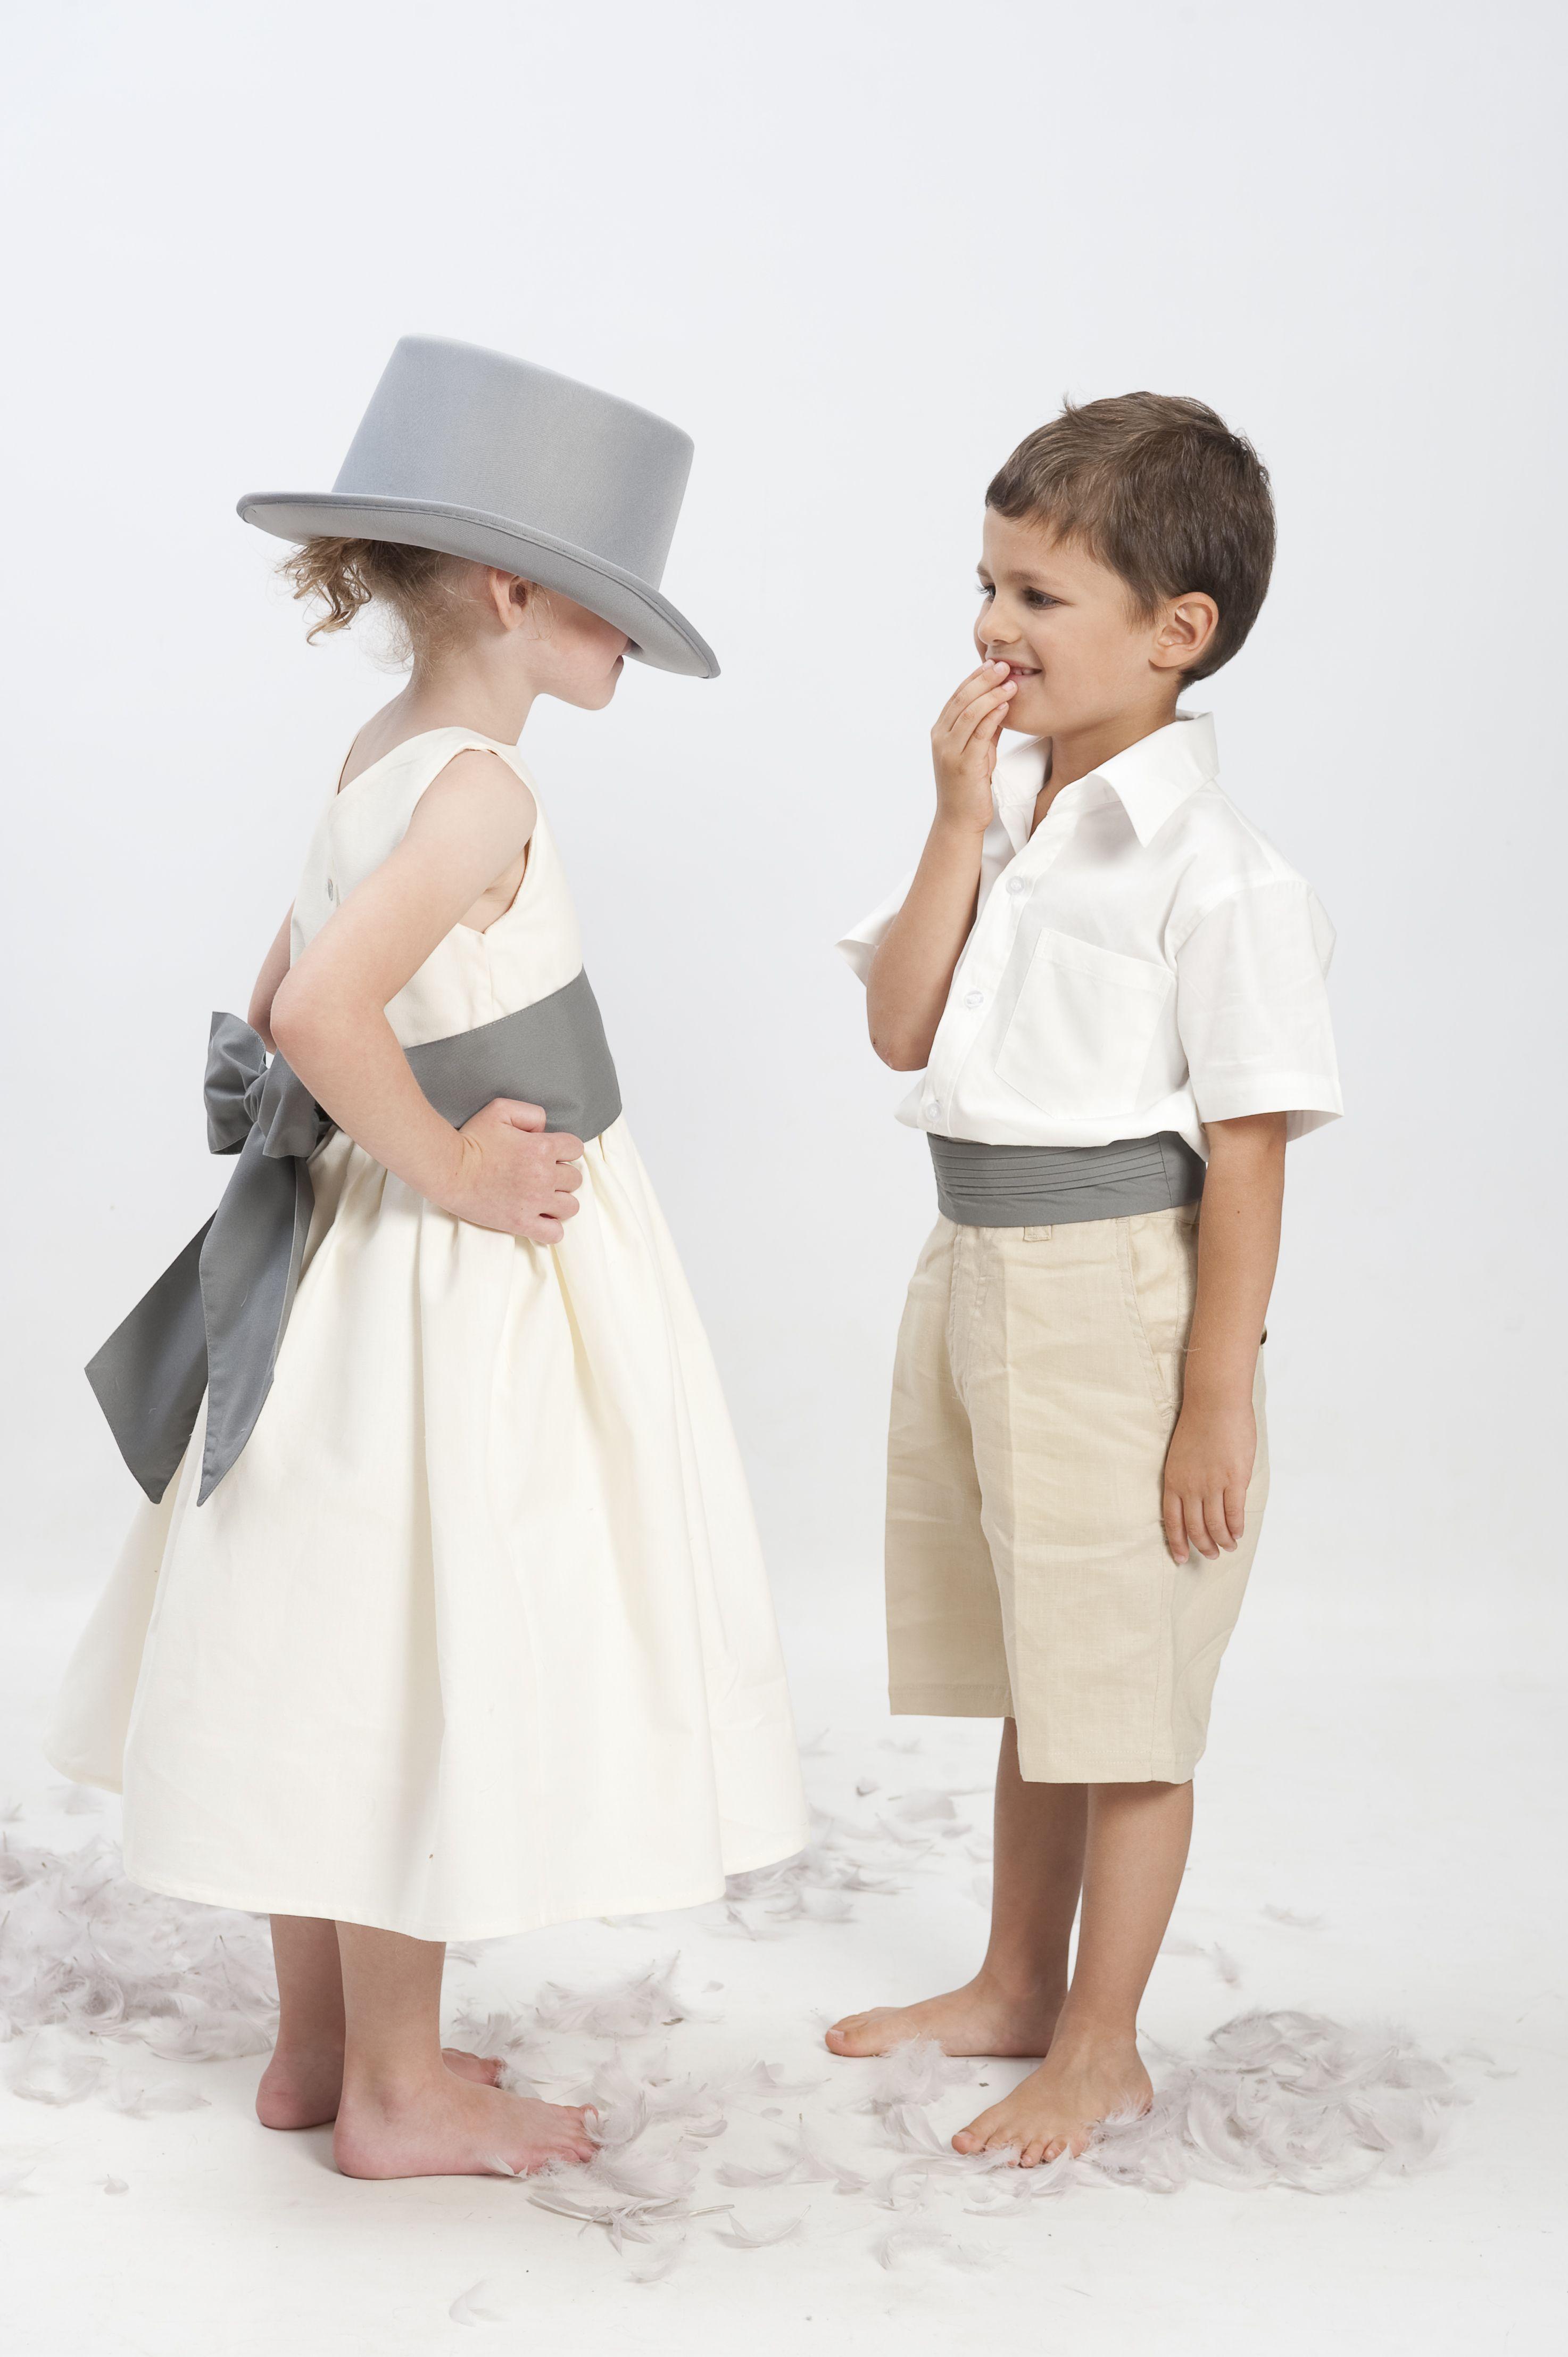 c862240cb9c Robe de demoiselle d honneur en coton avec ceinture de couleur. Pour le  petit garçon  bermuda et chemisette en coton et ceinture plissée. Cortège  d Anges